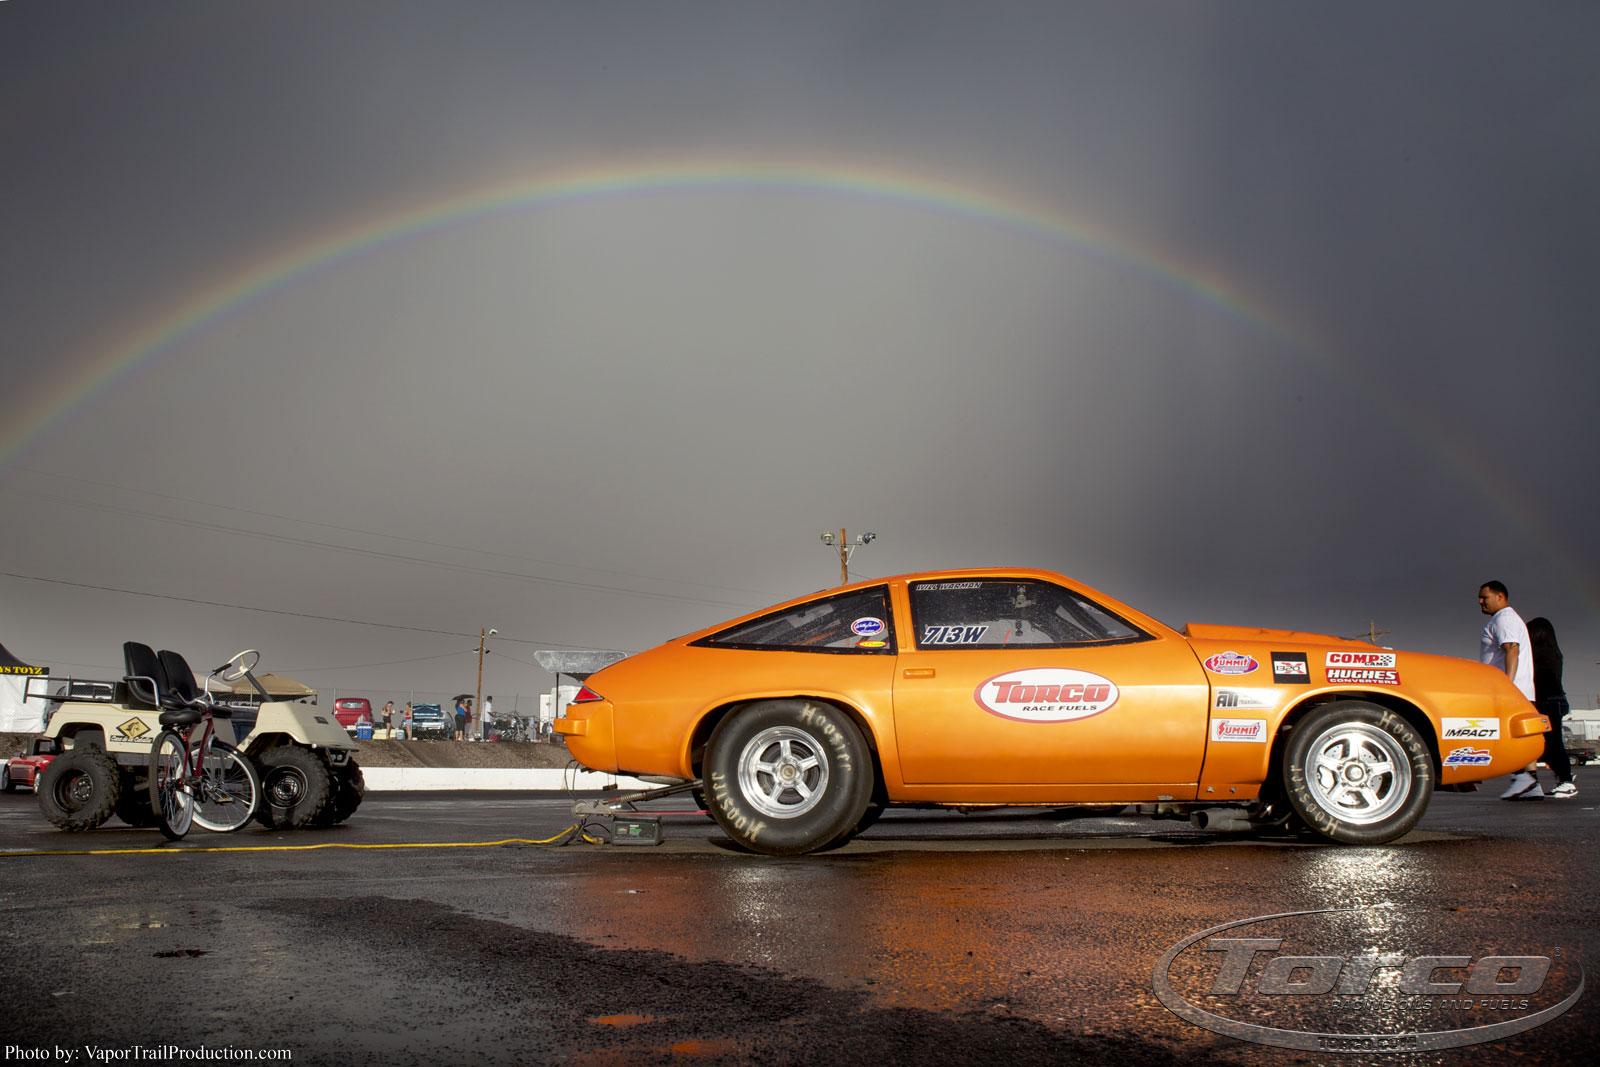 Drag Racing Hot Rod Rods Race Chevrolet Monza Wallpaper